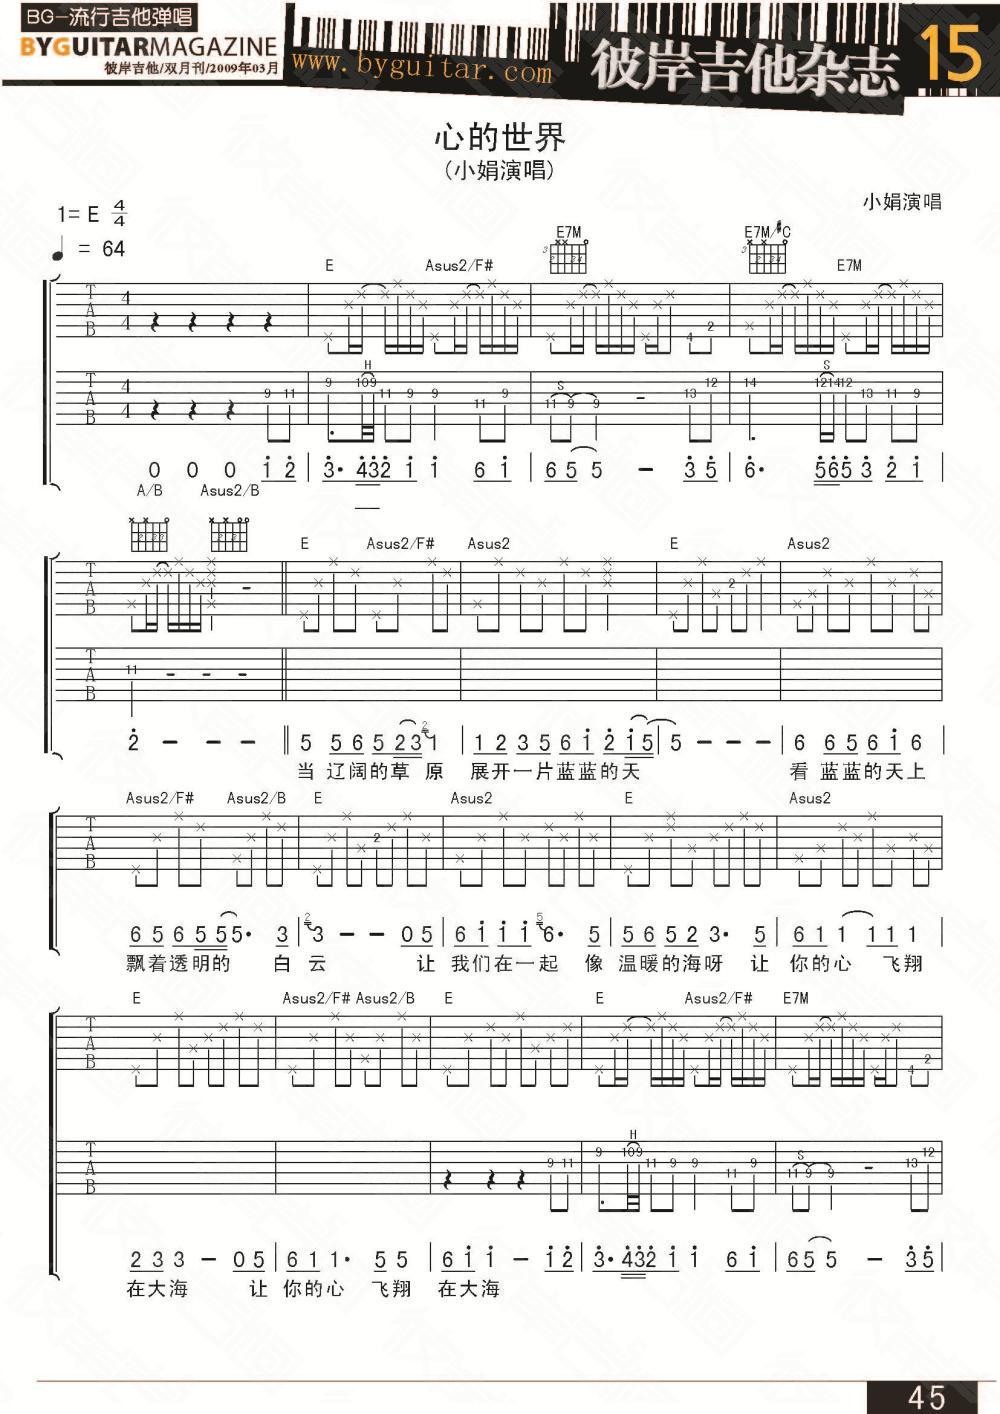 心的世界的吉他谱 小娟 彼岸吉他中国第一吉他网络杂志 BYGUITAR